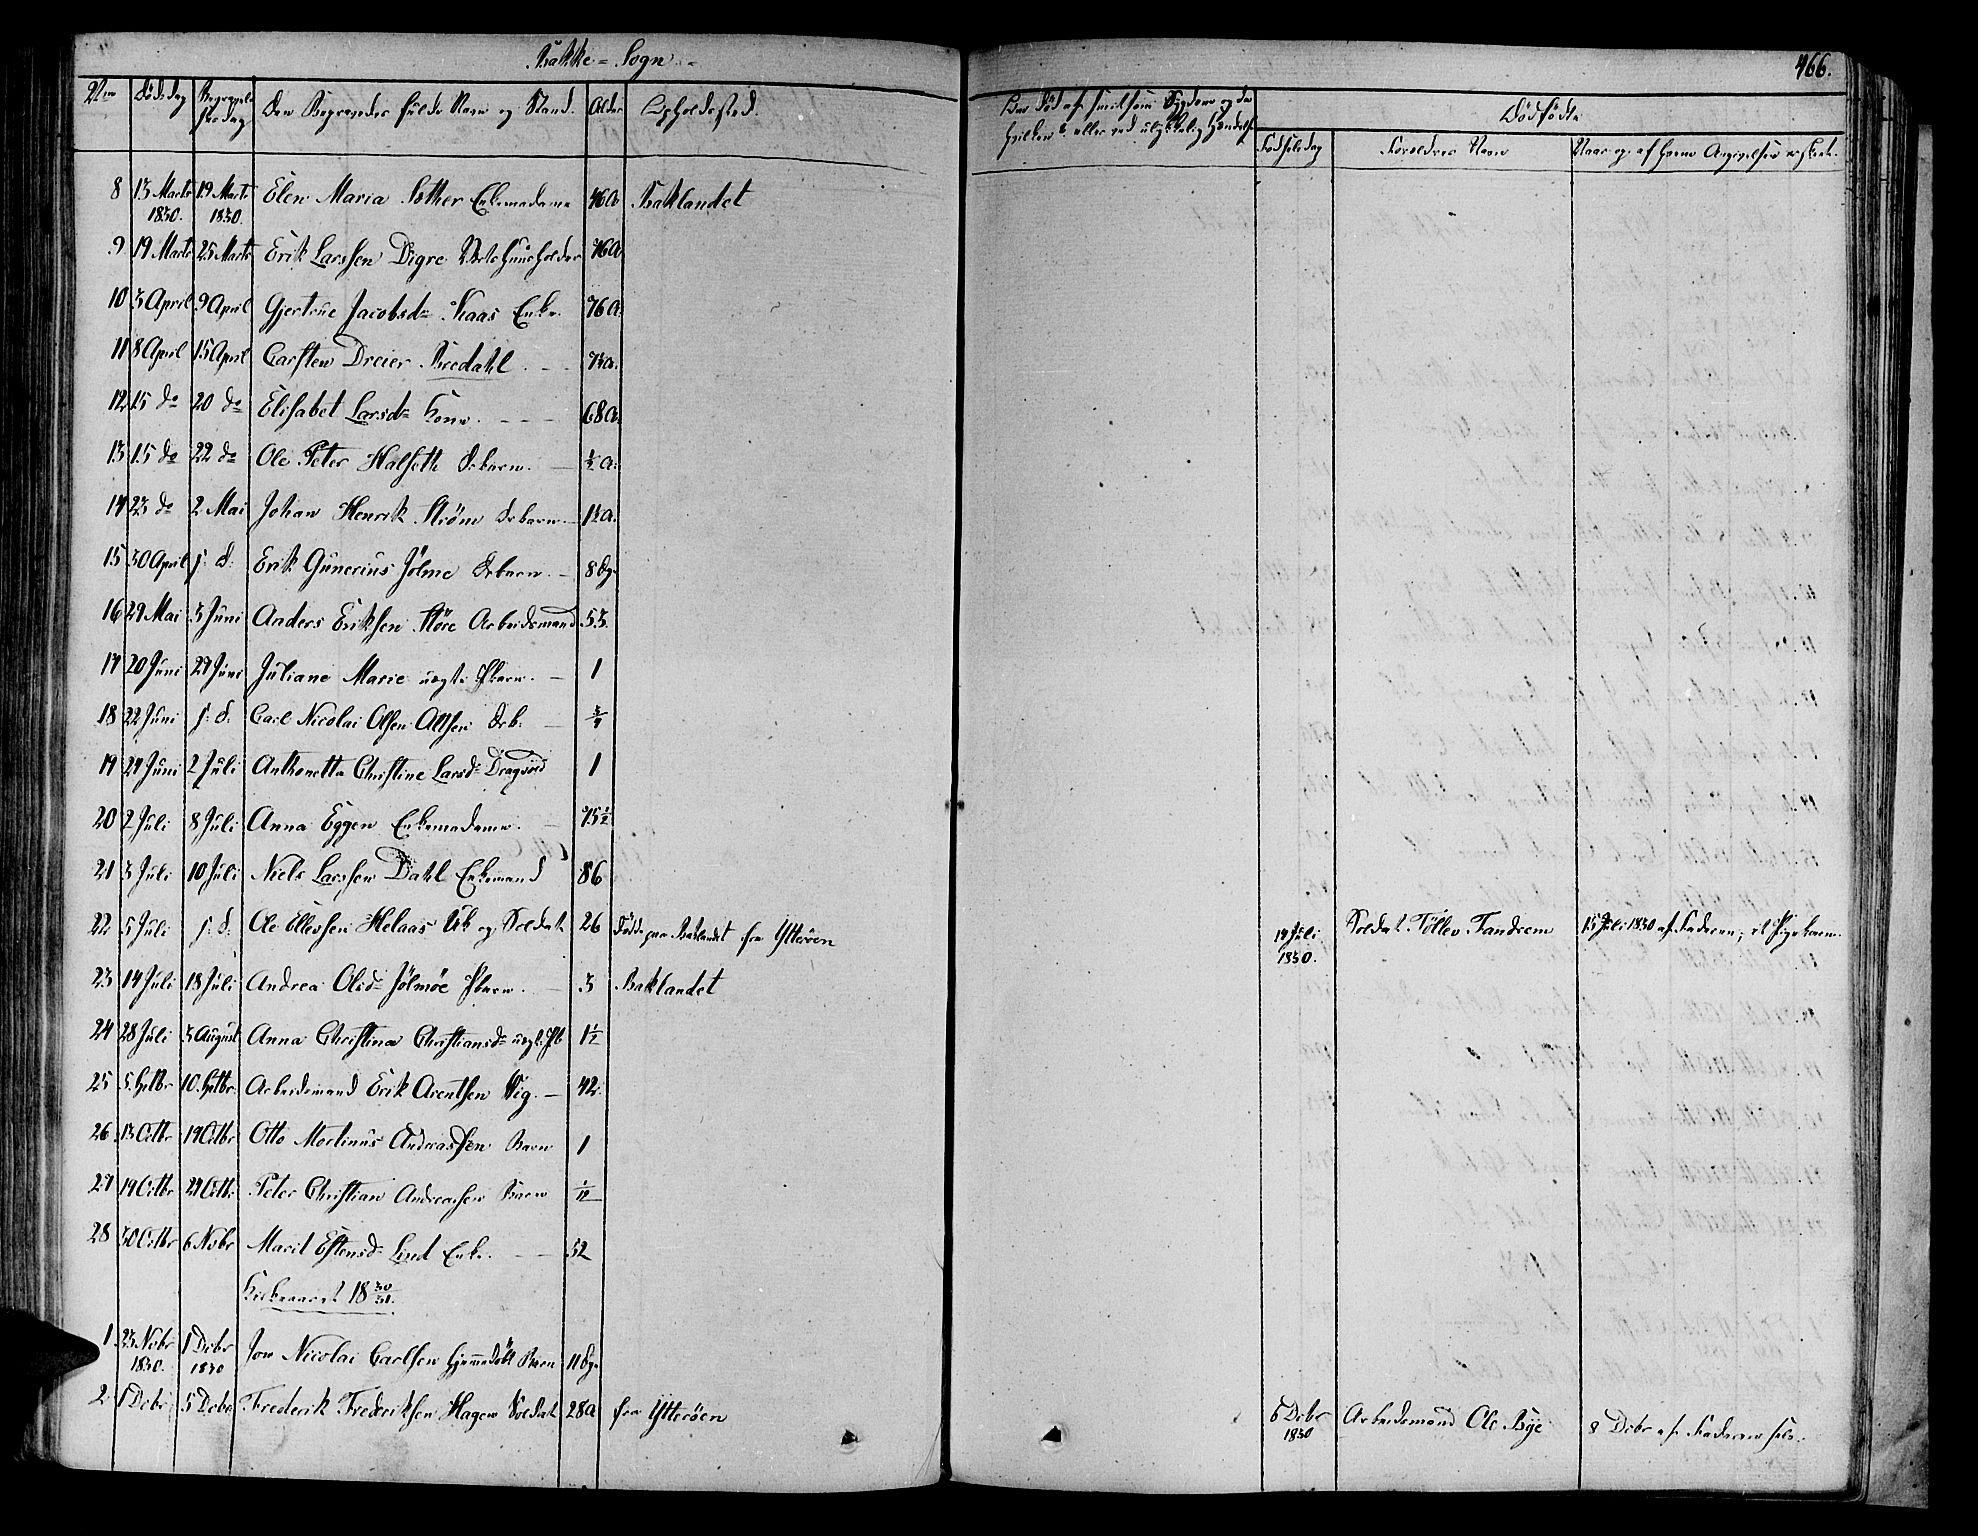 SAT, Ministerialprotokoller, klokkerbøker og fødselsregistre - Sør-Trøndelag, 606/L0287: Ministerialbok nr. 606A04 /2, 1826-1840, s. 466